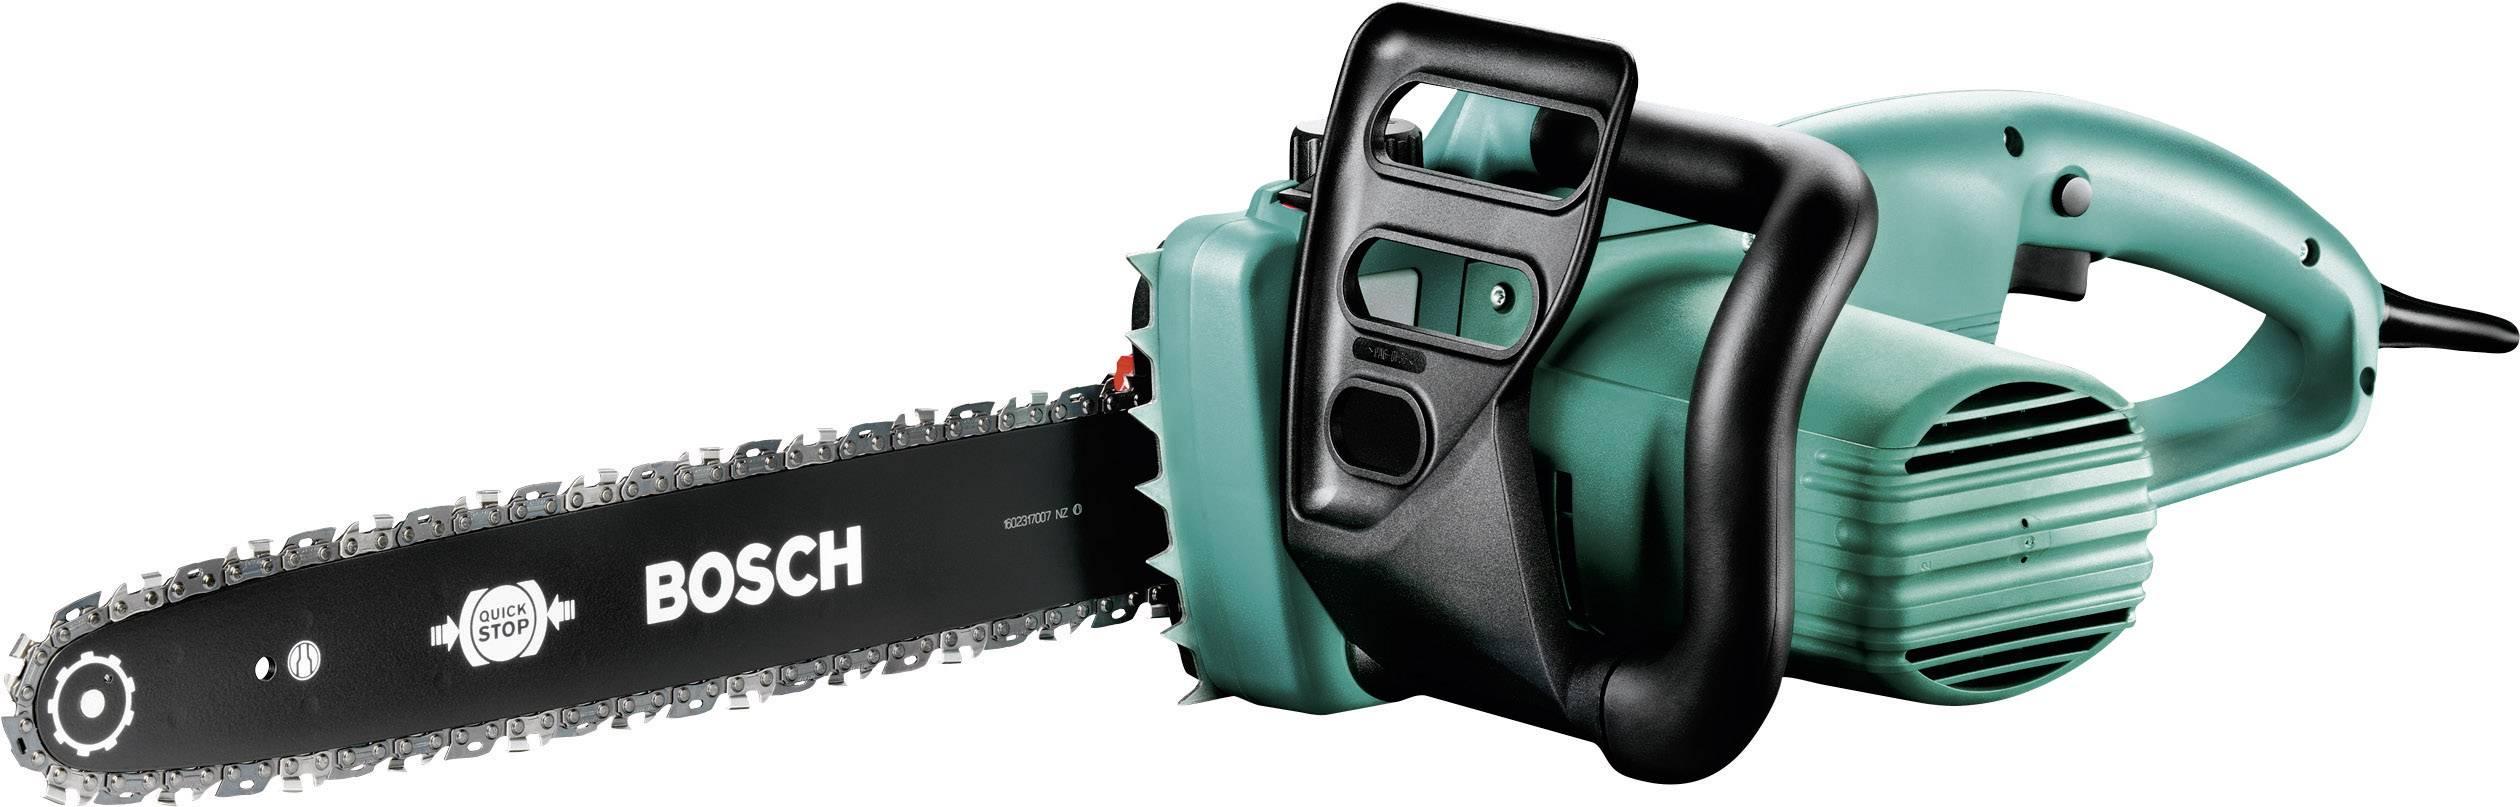 Elektrická řetězová pila Bosch Home and Garden AKE 40-19 S, délka čepele 400 mm